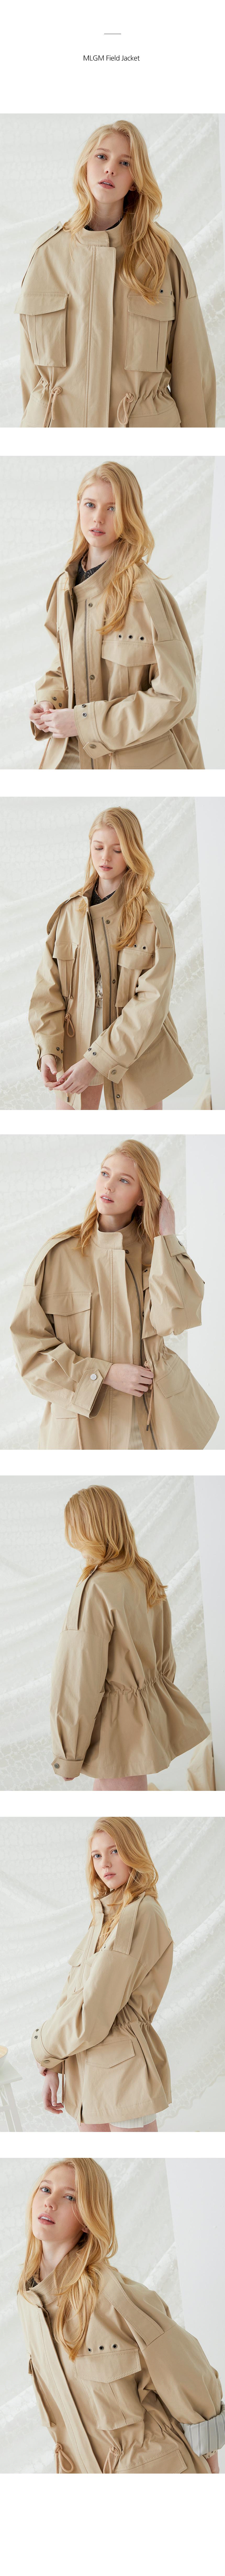 밀로그램(MILLOGREM) MLGM Field Jacket - Beige